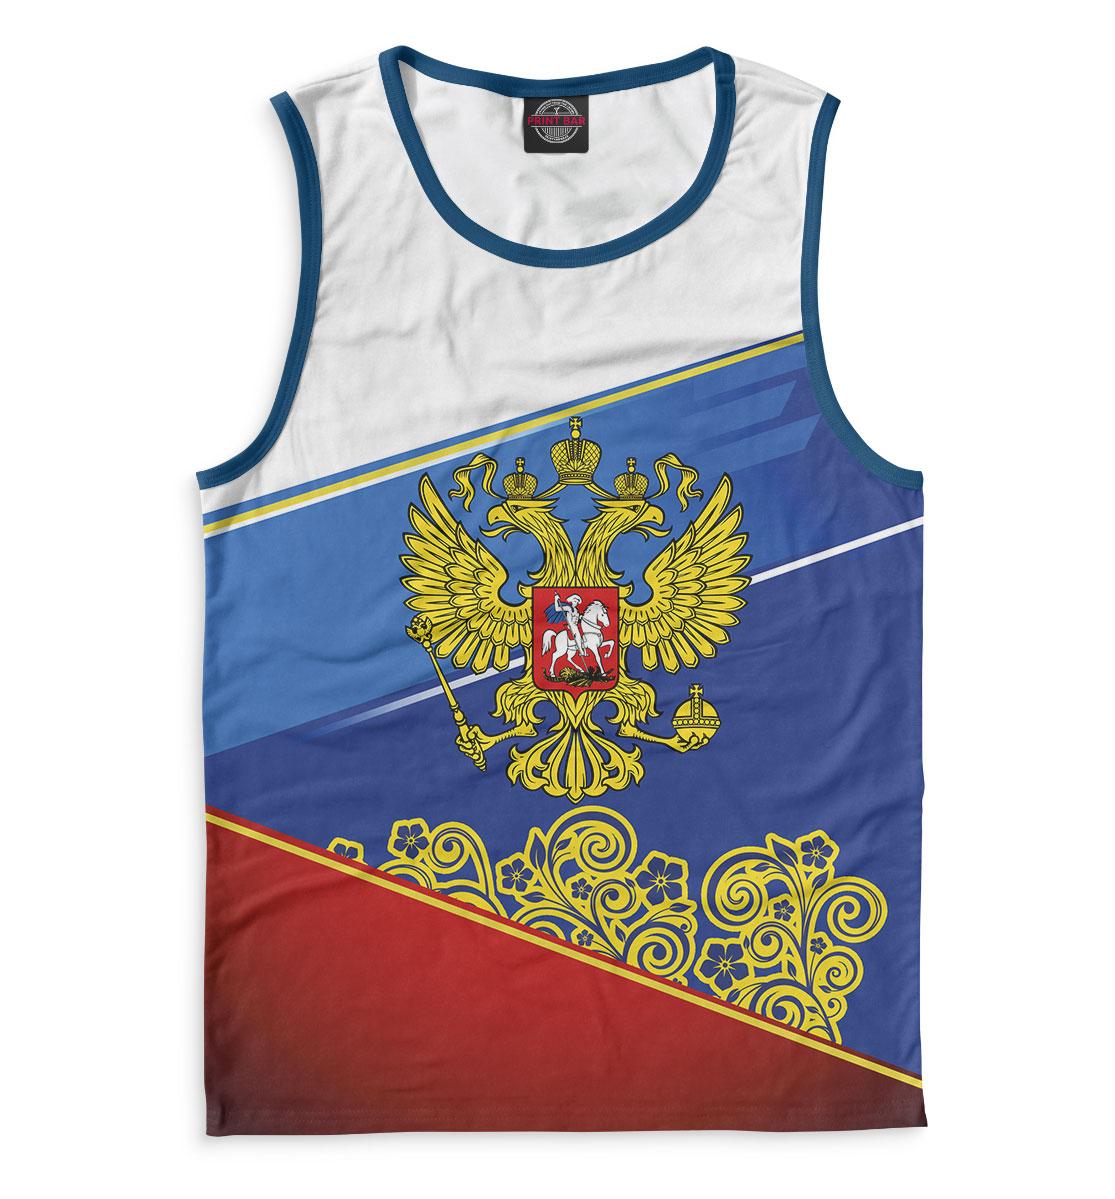 Купить Сборная России, Printbar, Майки, FRF-990831-may-2